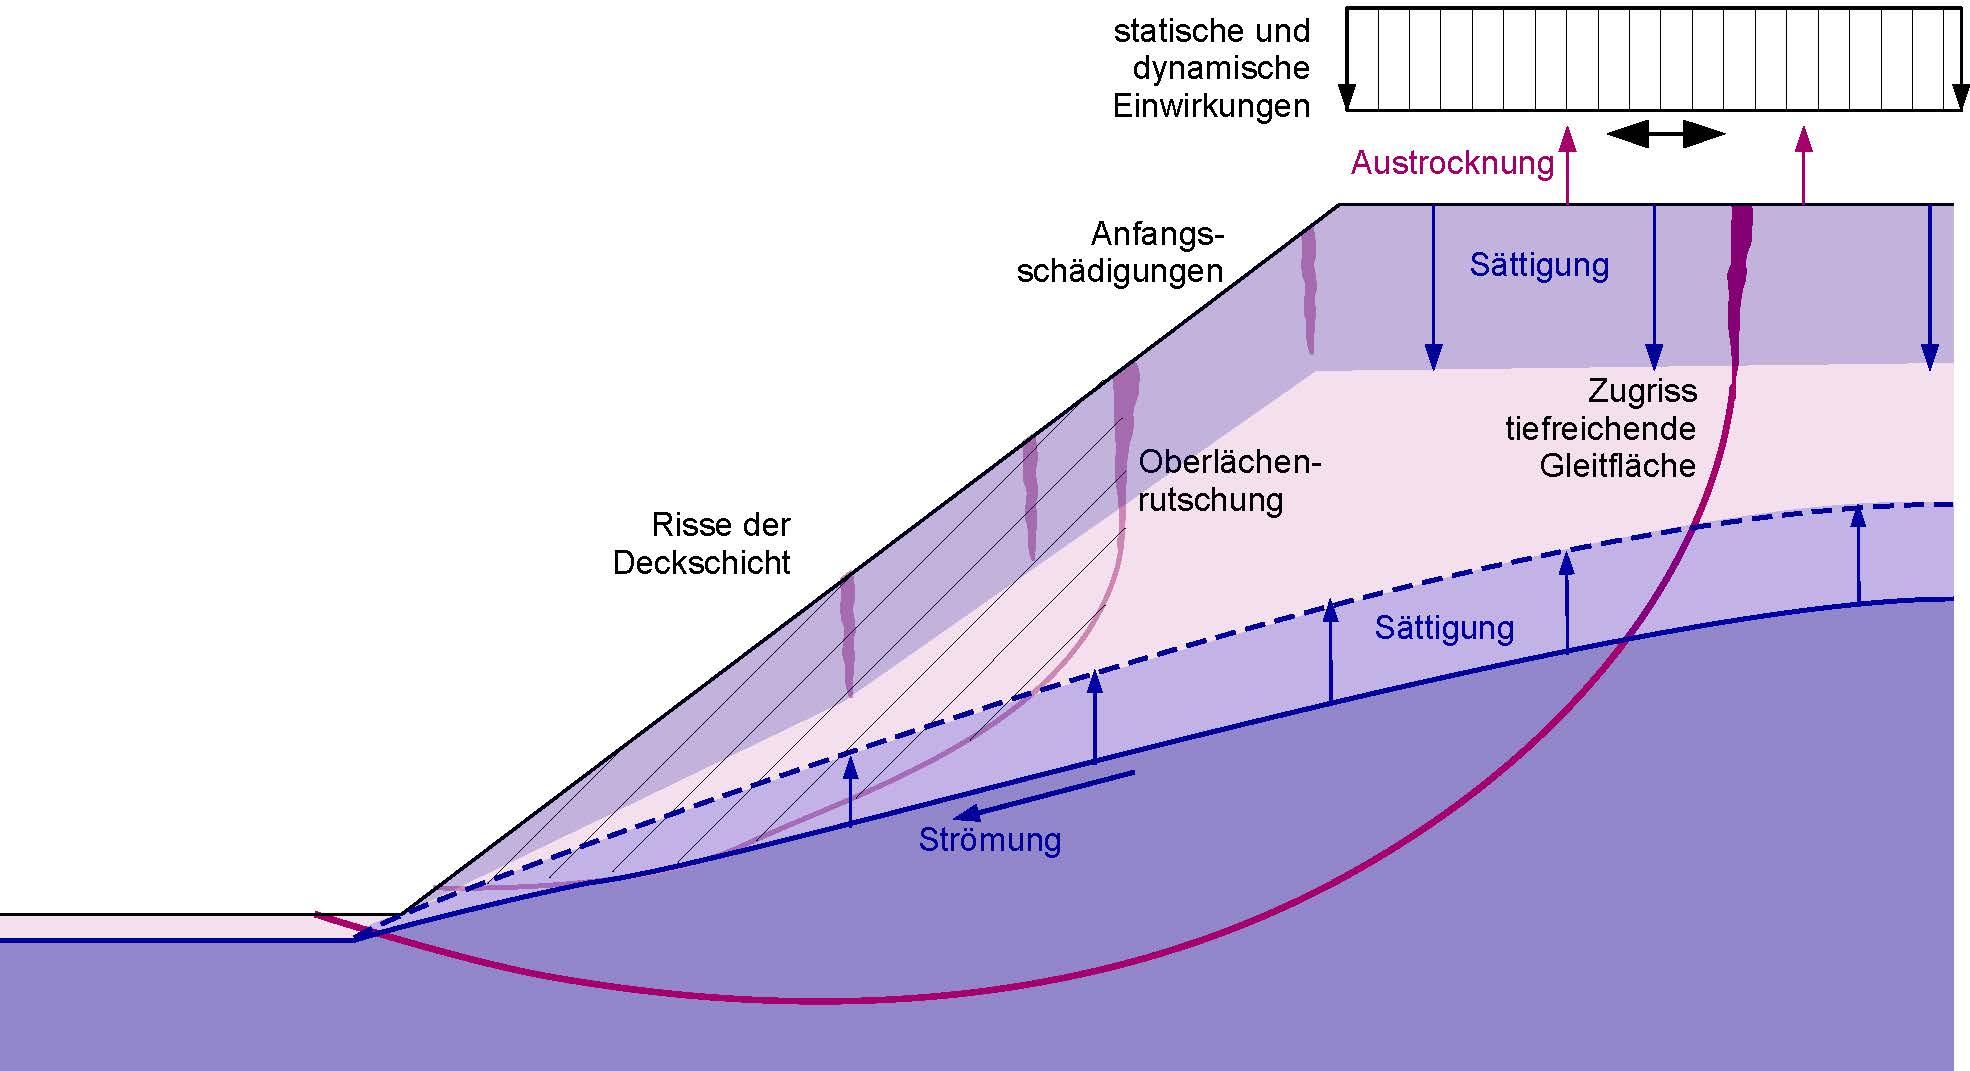 Entwicklung eines Verfahrens zur Herstellung von Mikrosäulen und zugfesten Deckschichten auf naturnaher-biologischer Basis zur Sanierung und Sicherung von Hängen und Böschungen - Prüfung und Bemessung von Bindemittelgemischen auf biologischer Basis